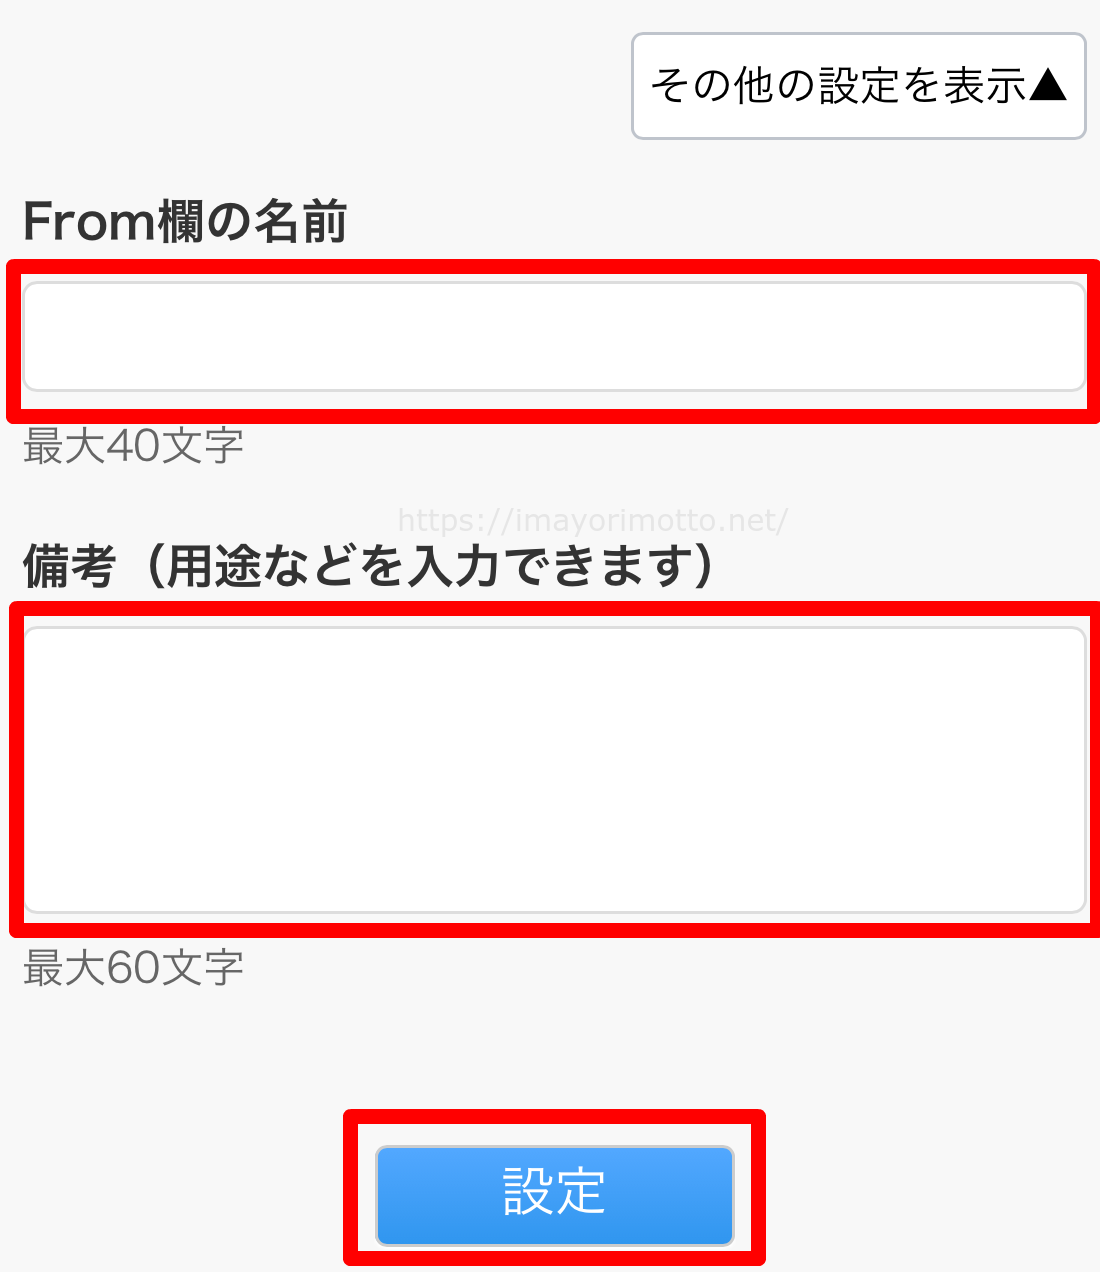 Yahoo!セーフティアドレス作り方スマホアプリ7-2